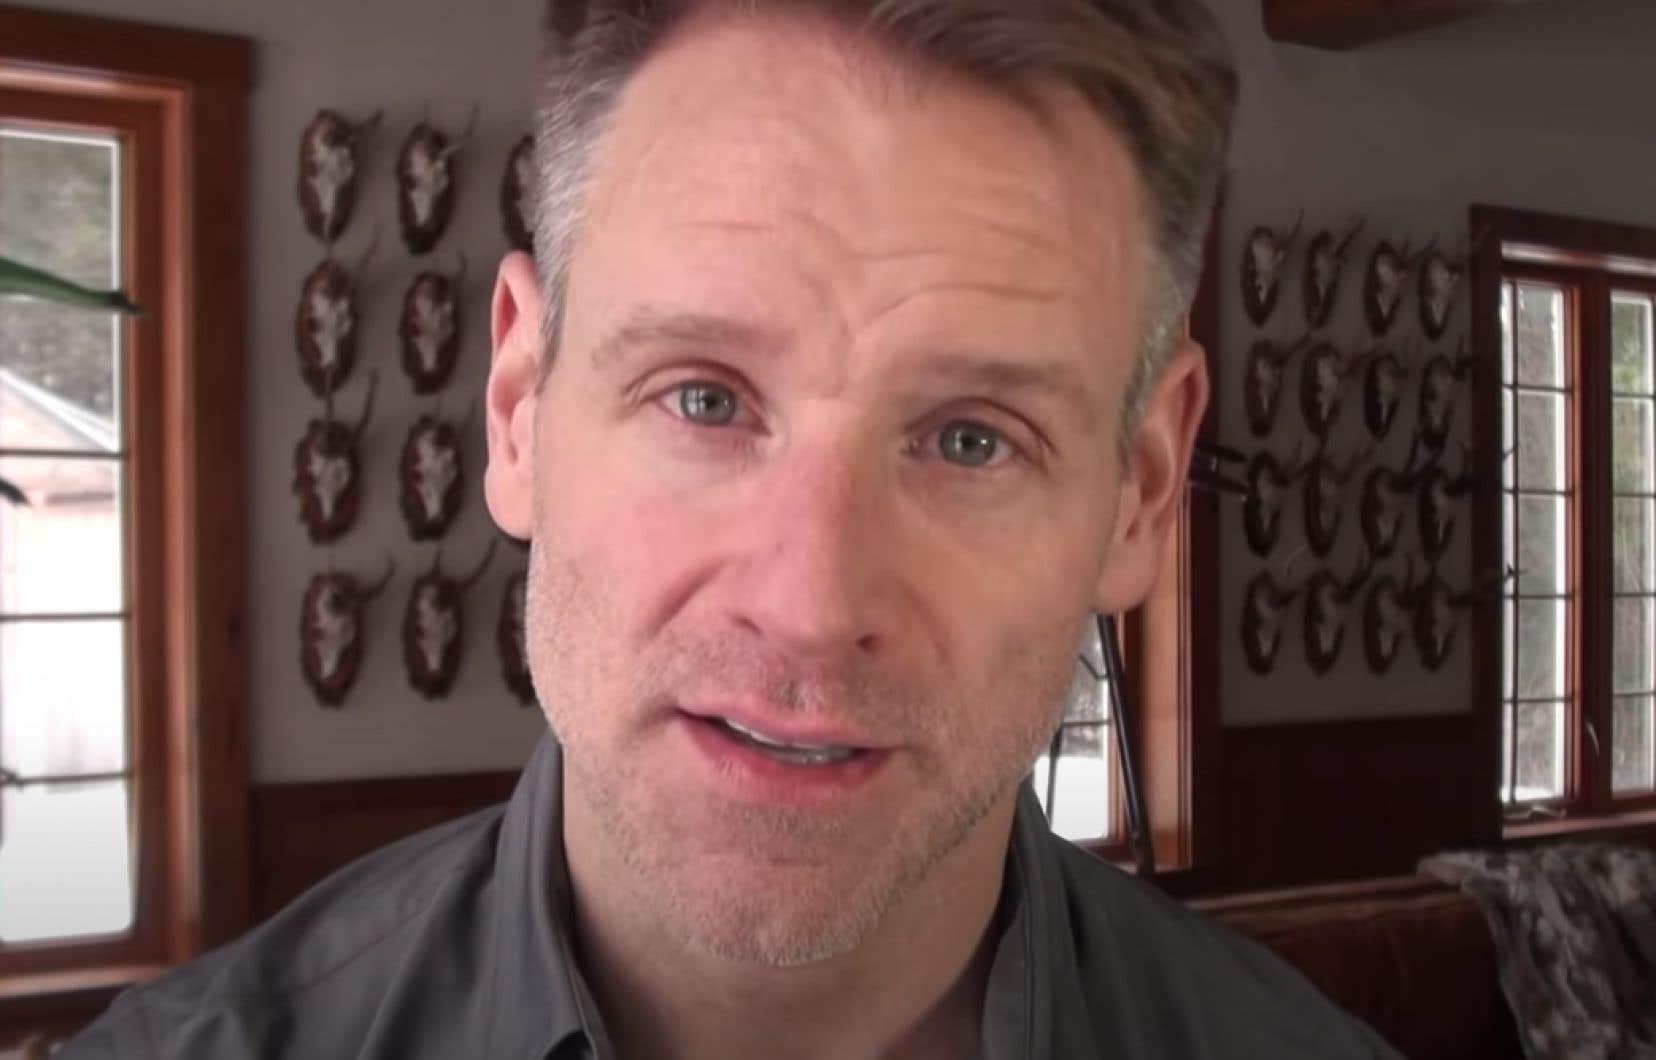 Dans les derniers mois, Bernard Lachance avait attiré l'attention en relayant sur sa chaîne Youtube des propos niant l'existence du sida, maladie dont il était atteint.